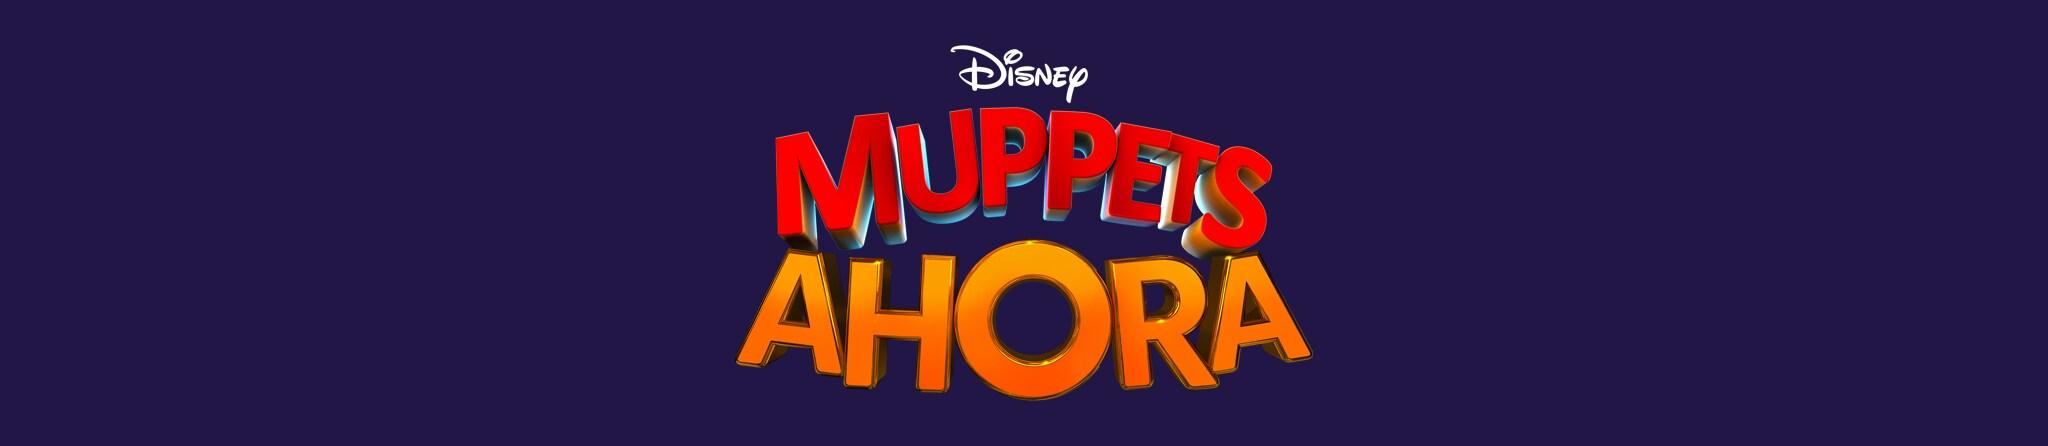 Muppets Ahora